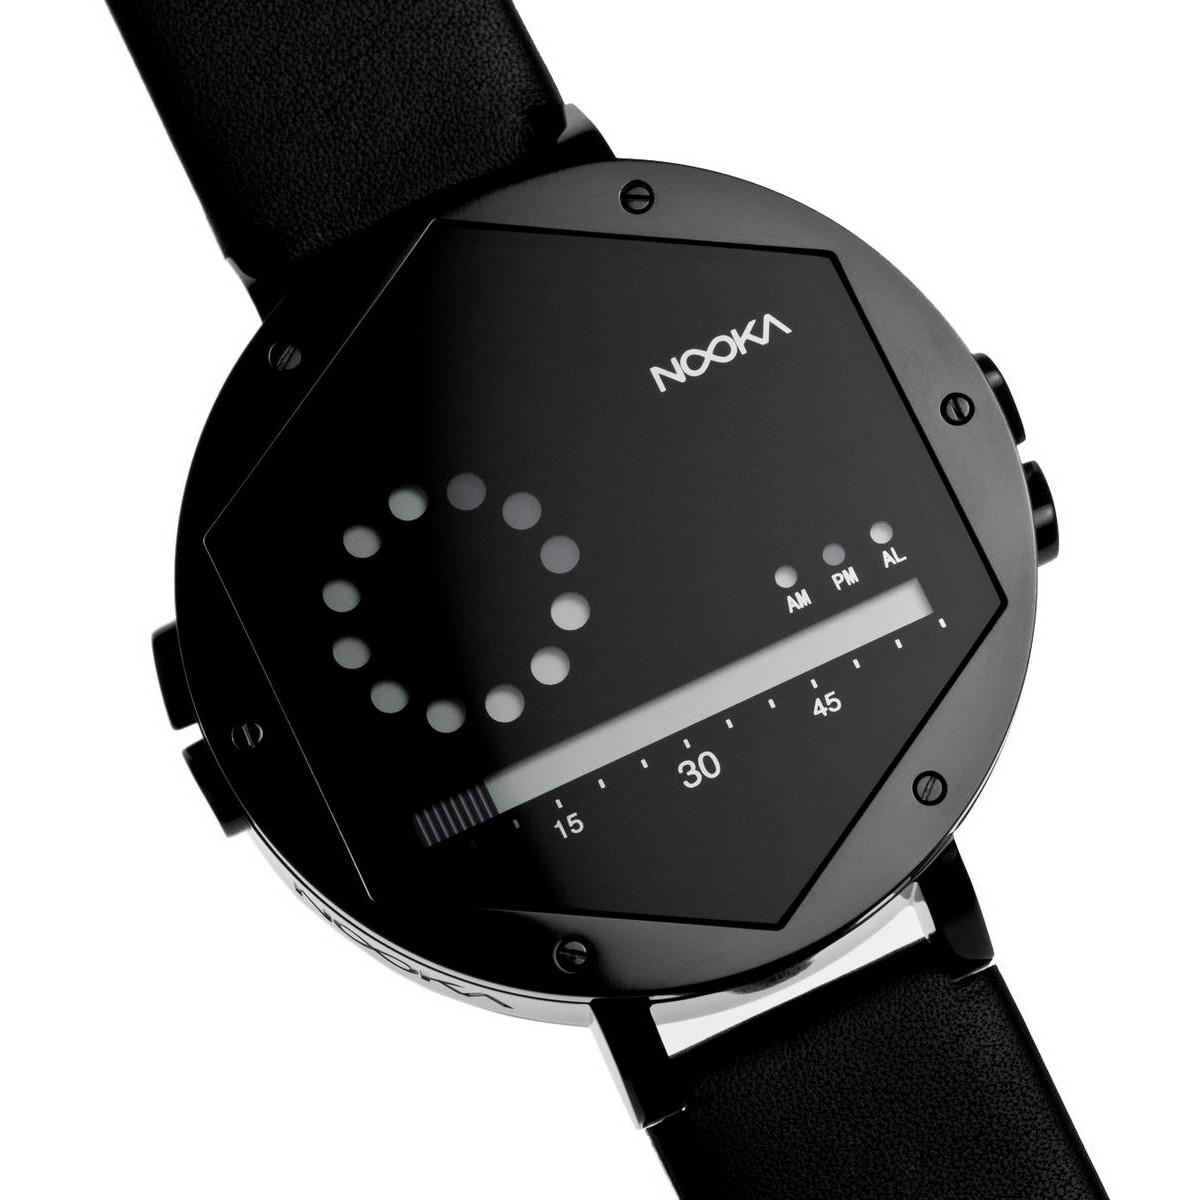 nooka-zex-watch-night-5d9.jpg